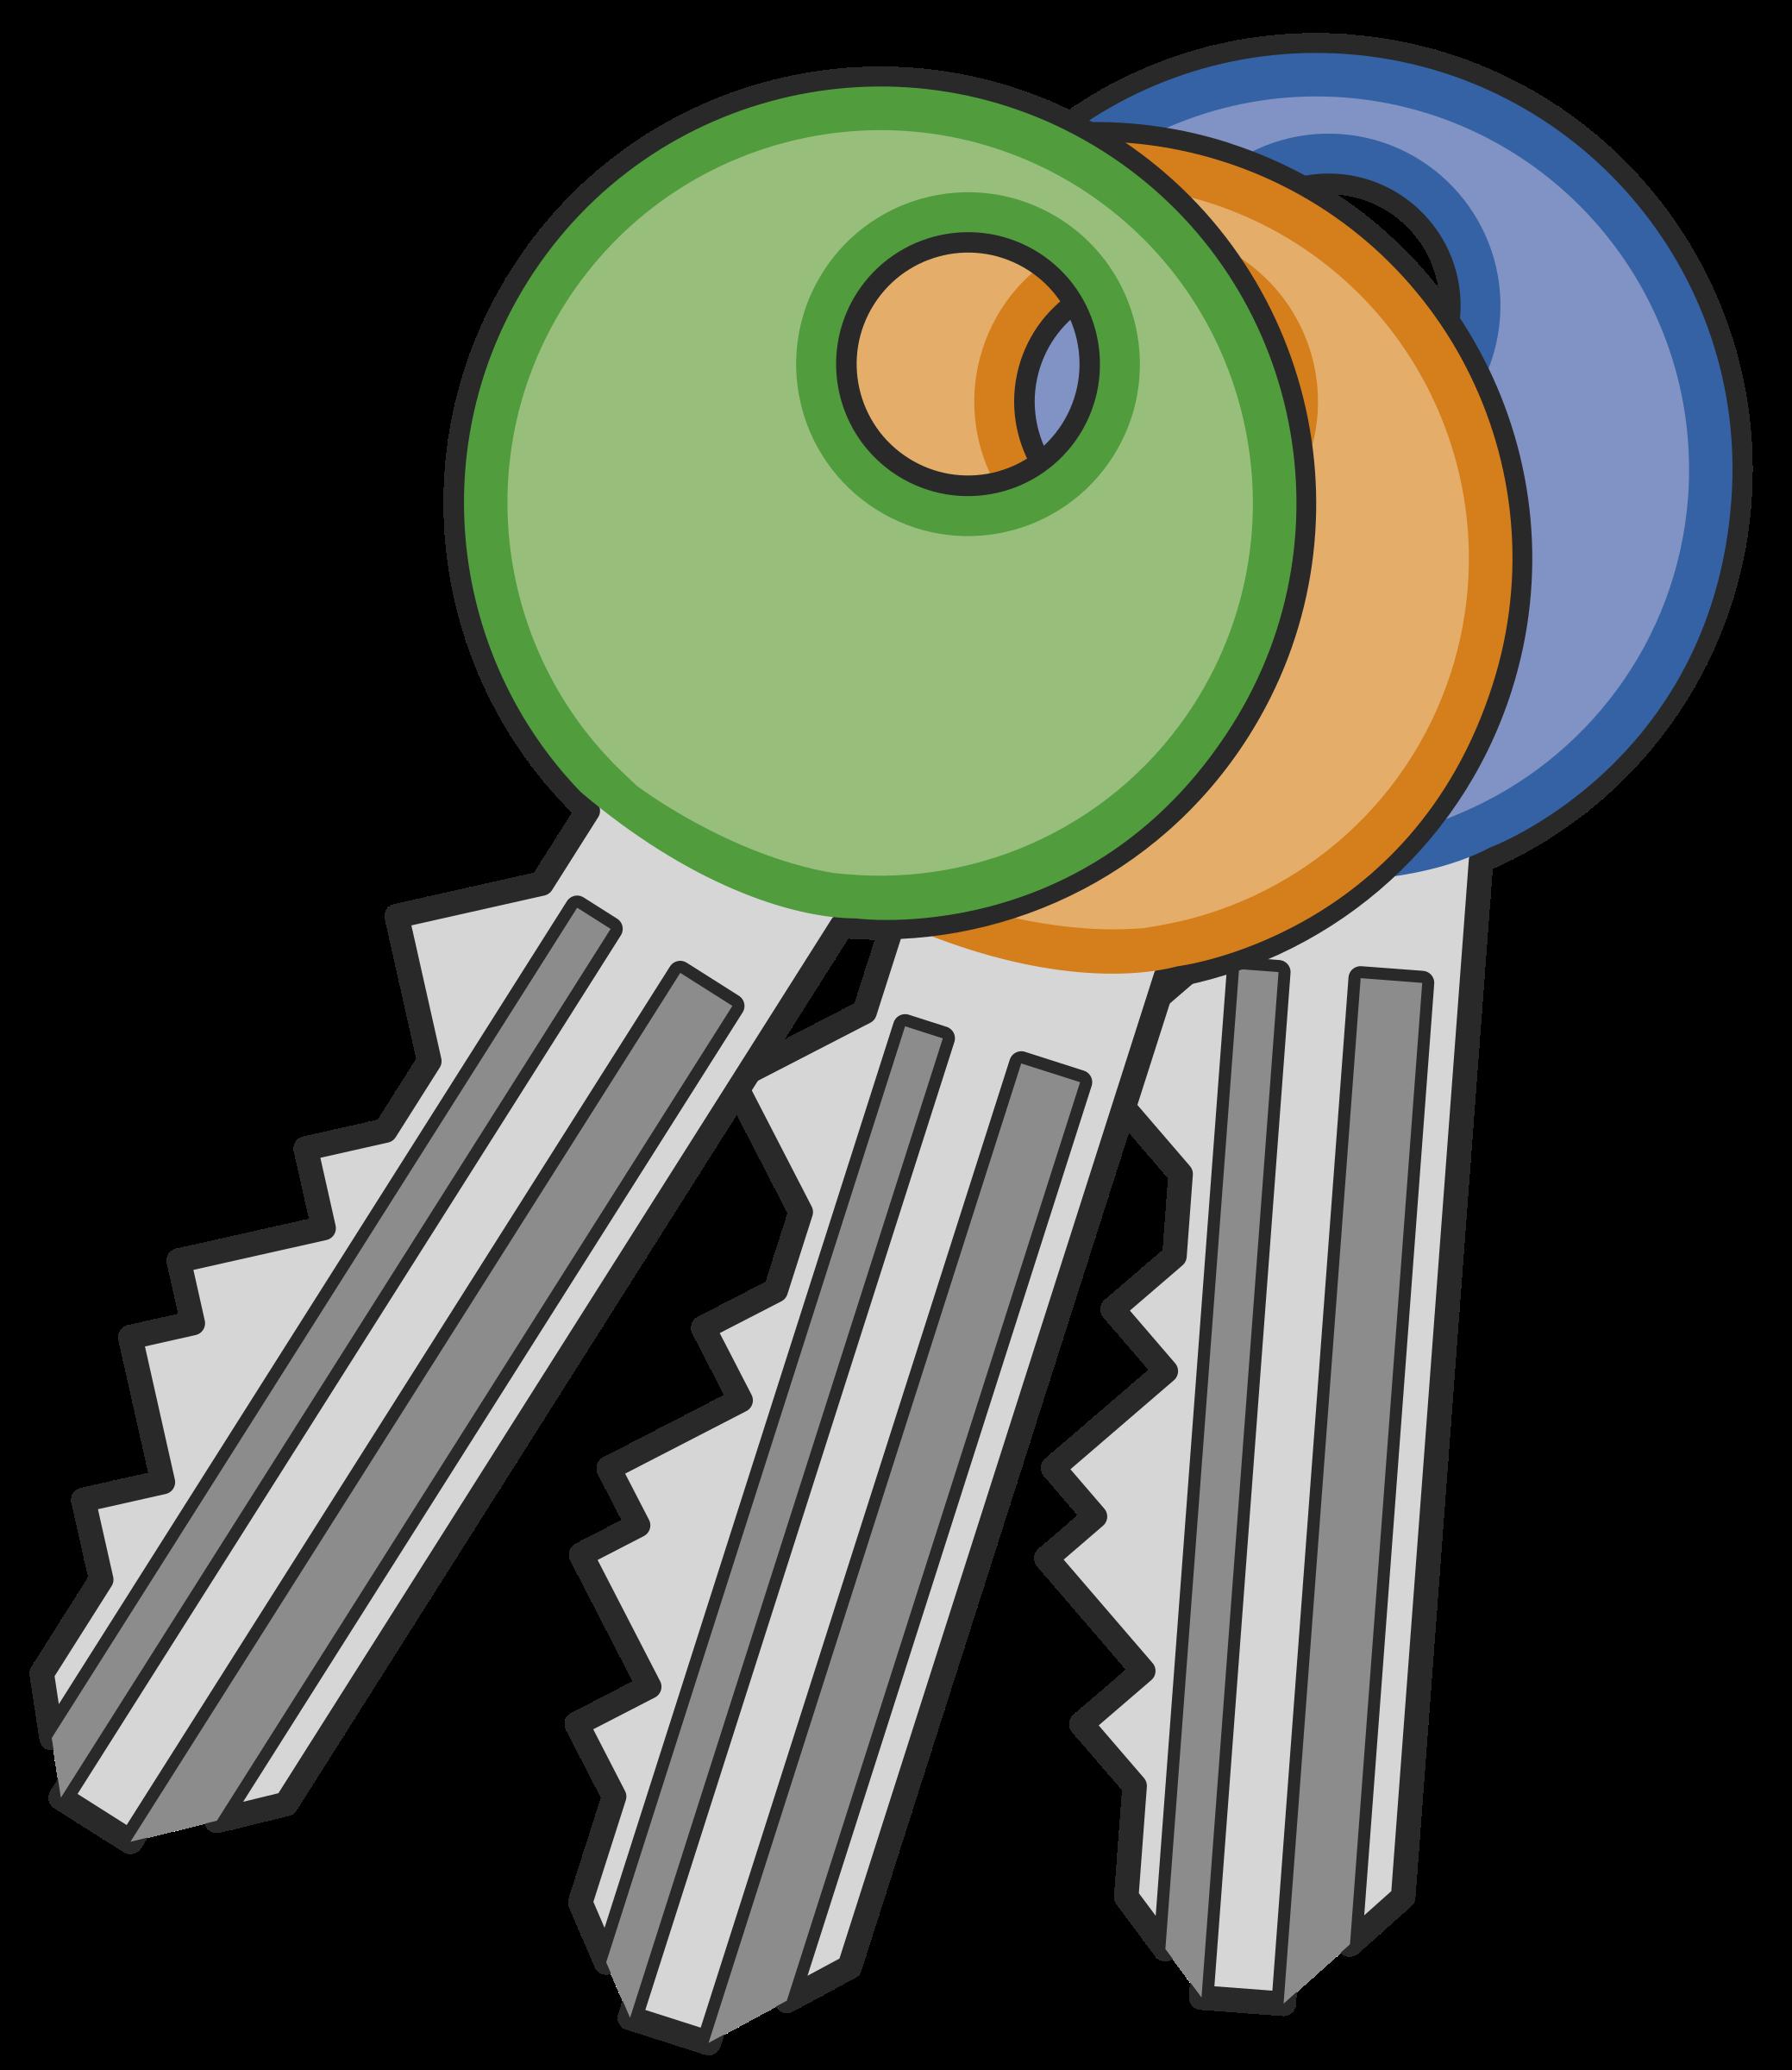 png free Key and lock clipart. Cles de serrure keys